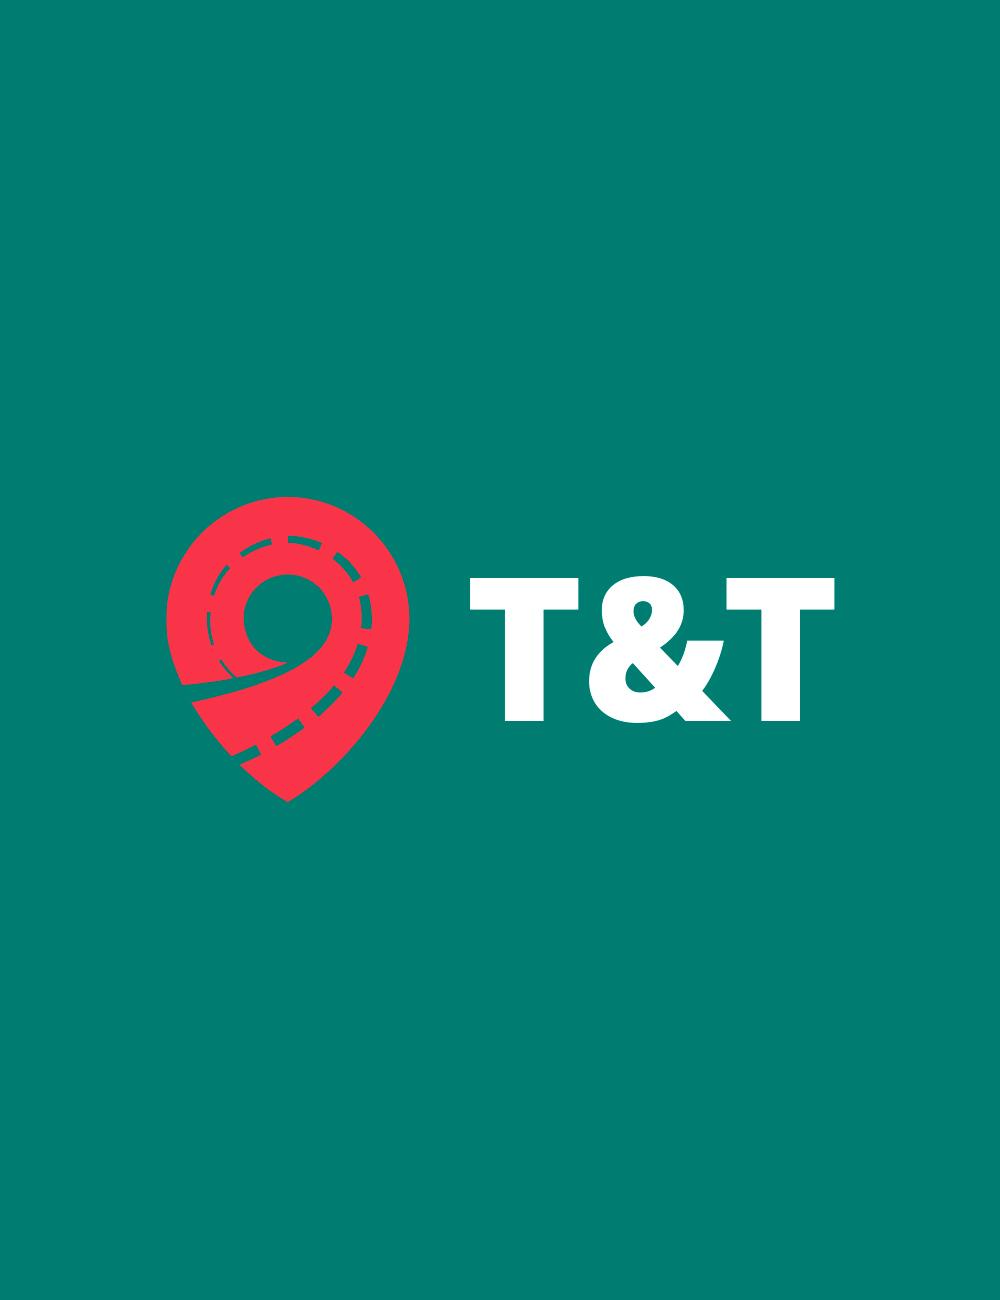 Travel & Transport - Brand identity